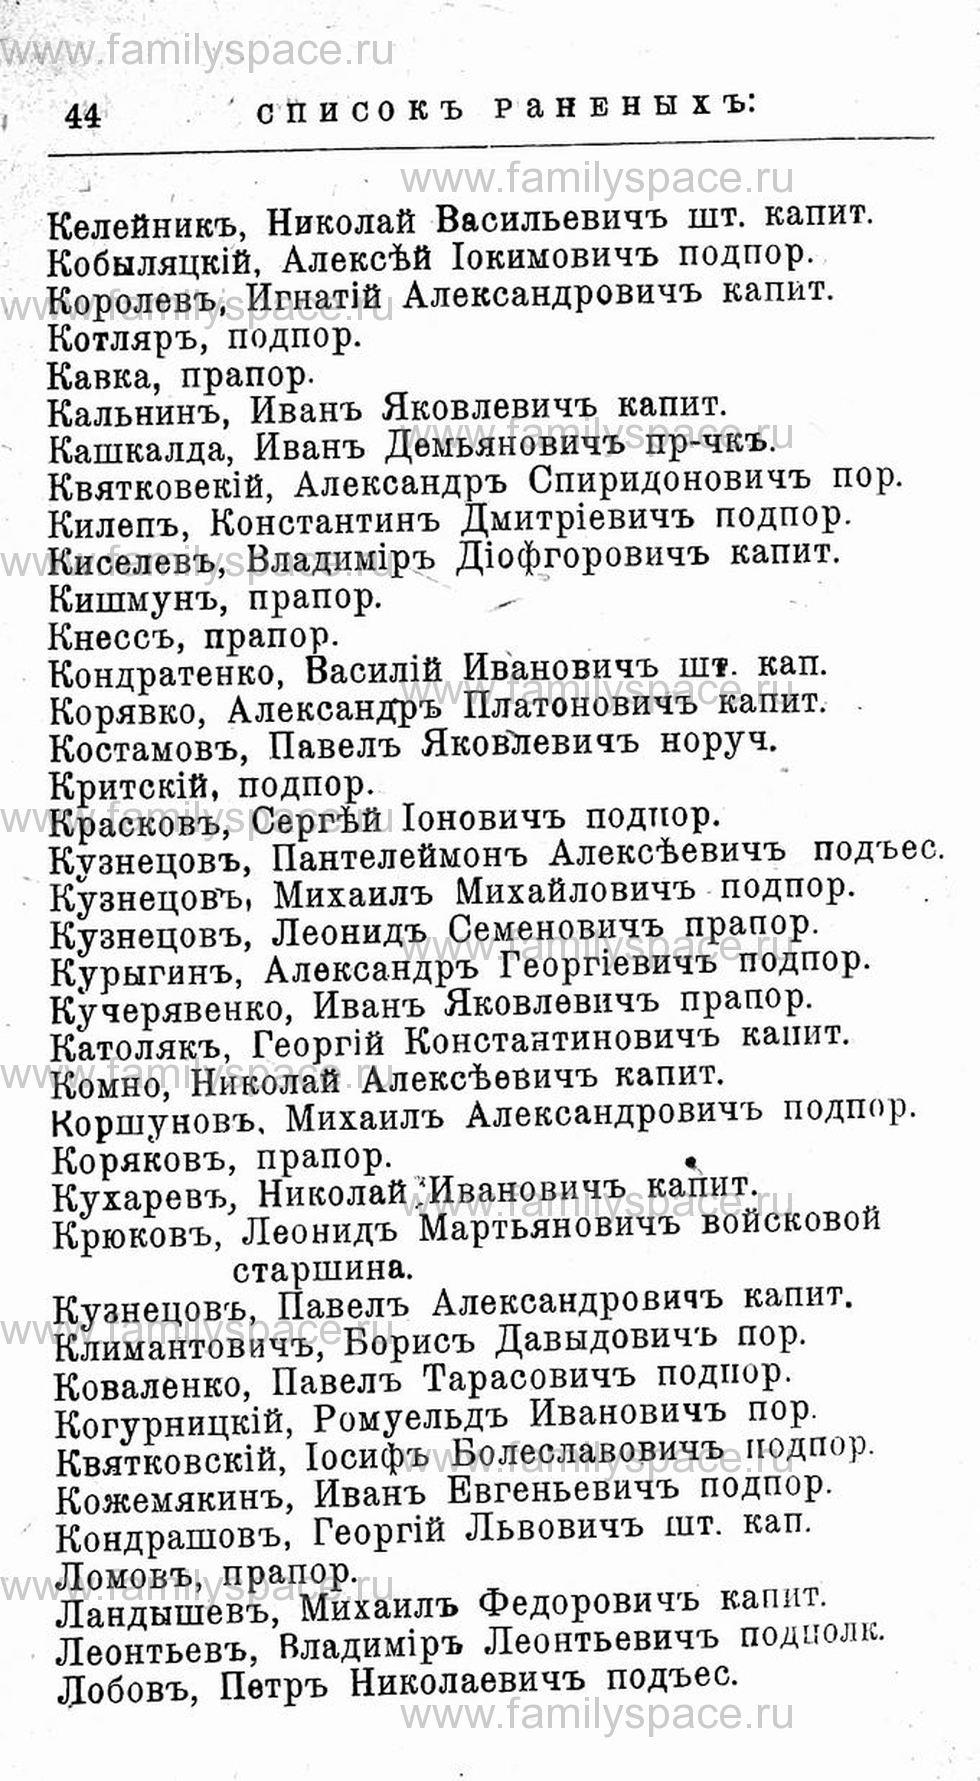 Поиск по фамилии - Первая мировая война - 1914 (списки убитых и раненых), страница 44